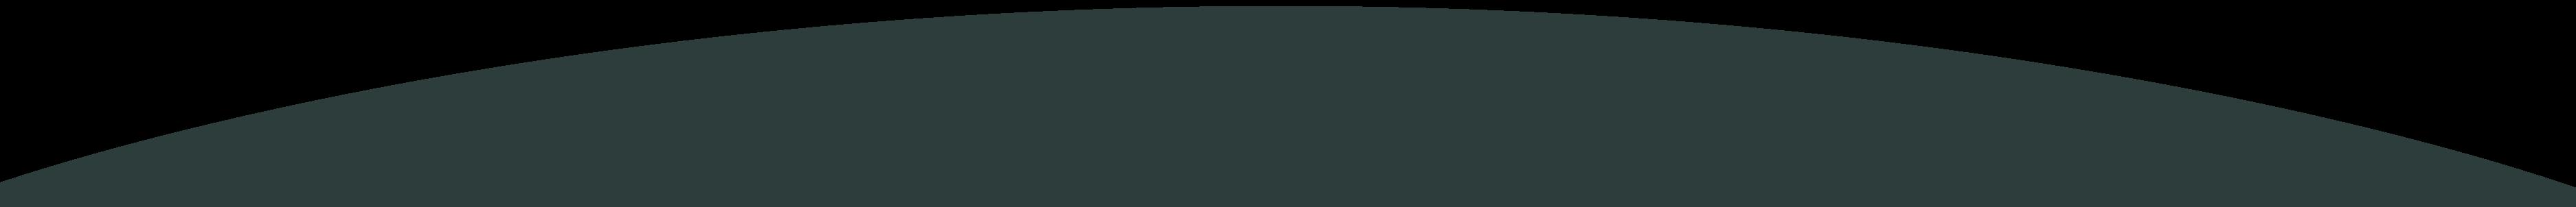 arc-darkest-green-01